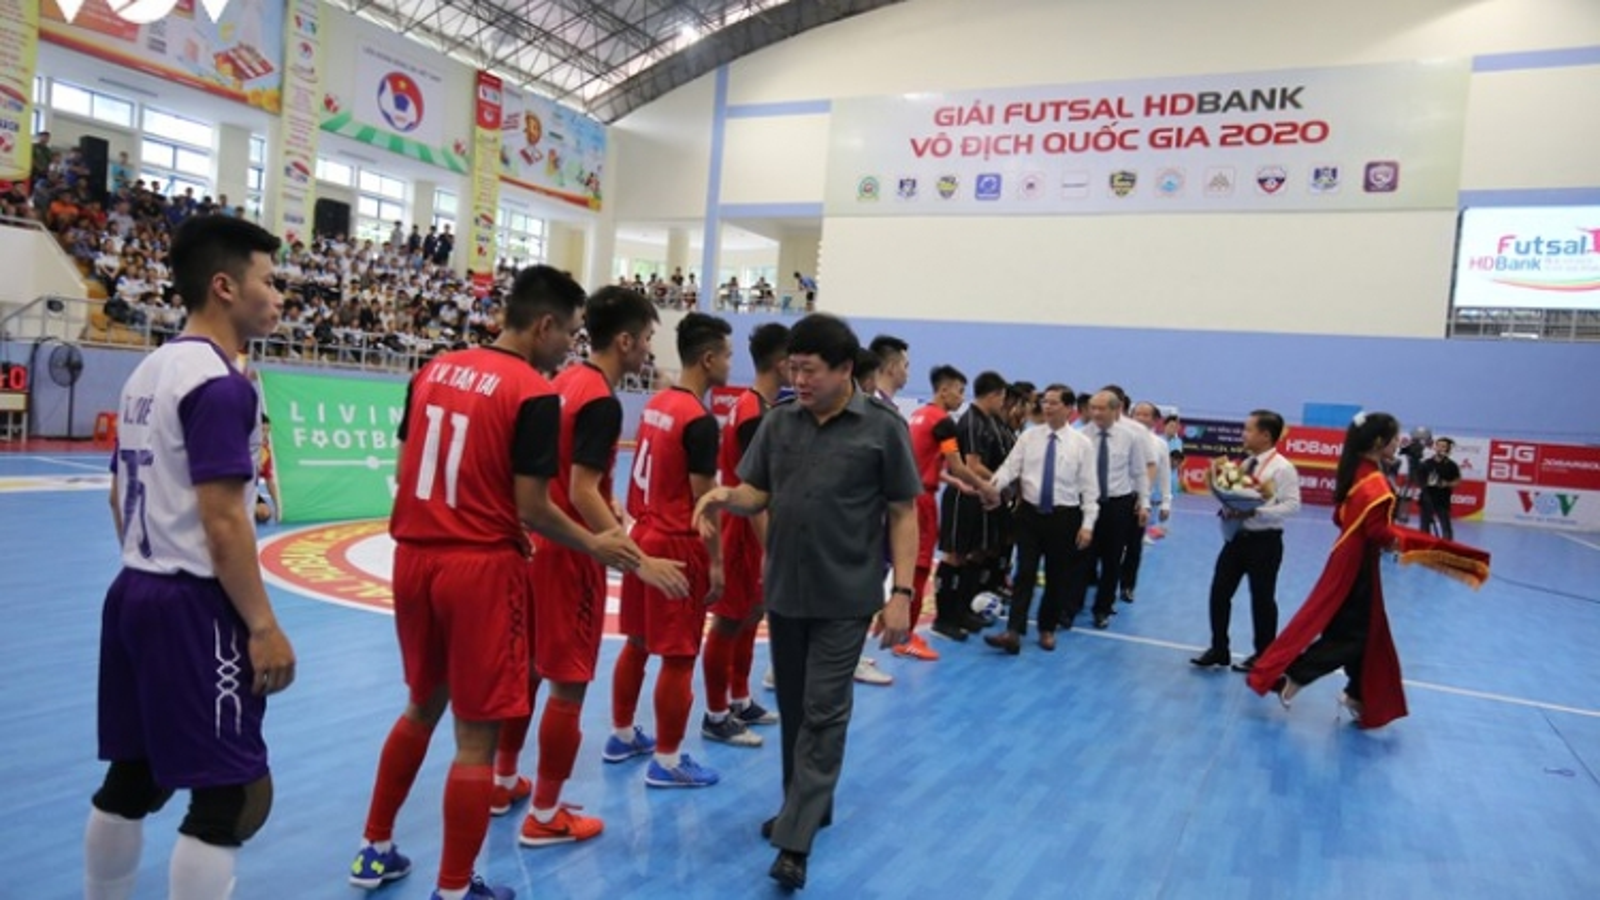 Khởi tranh lượt về giai đoạn II giải Futsal HDBank VĐQG 2020